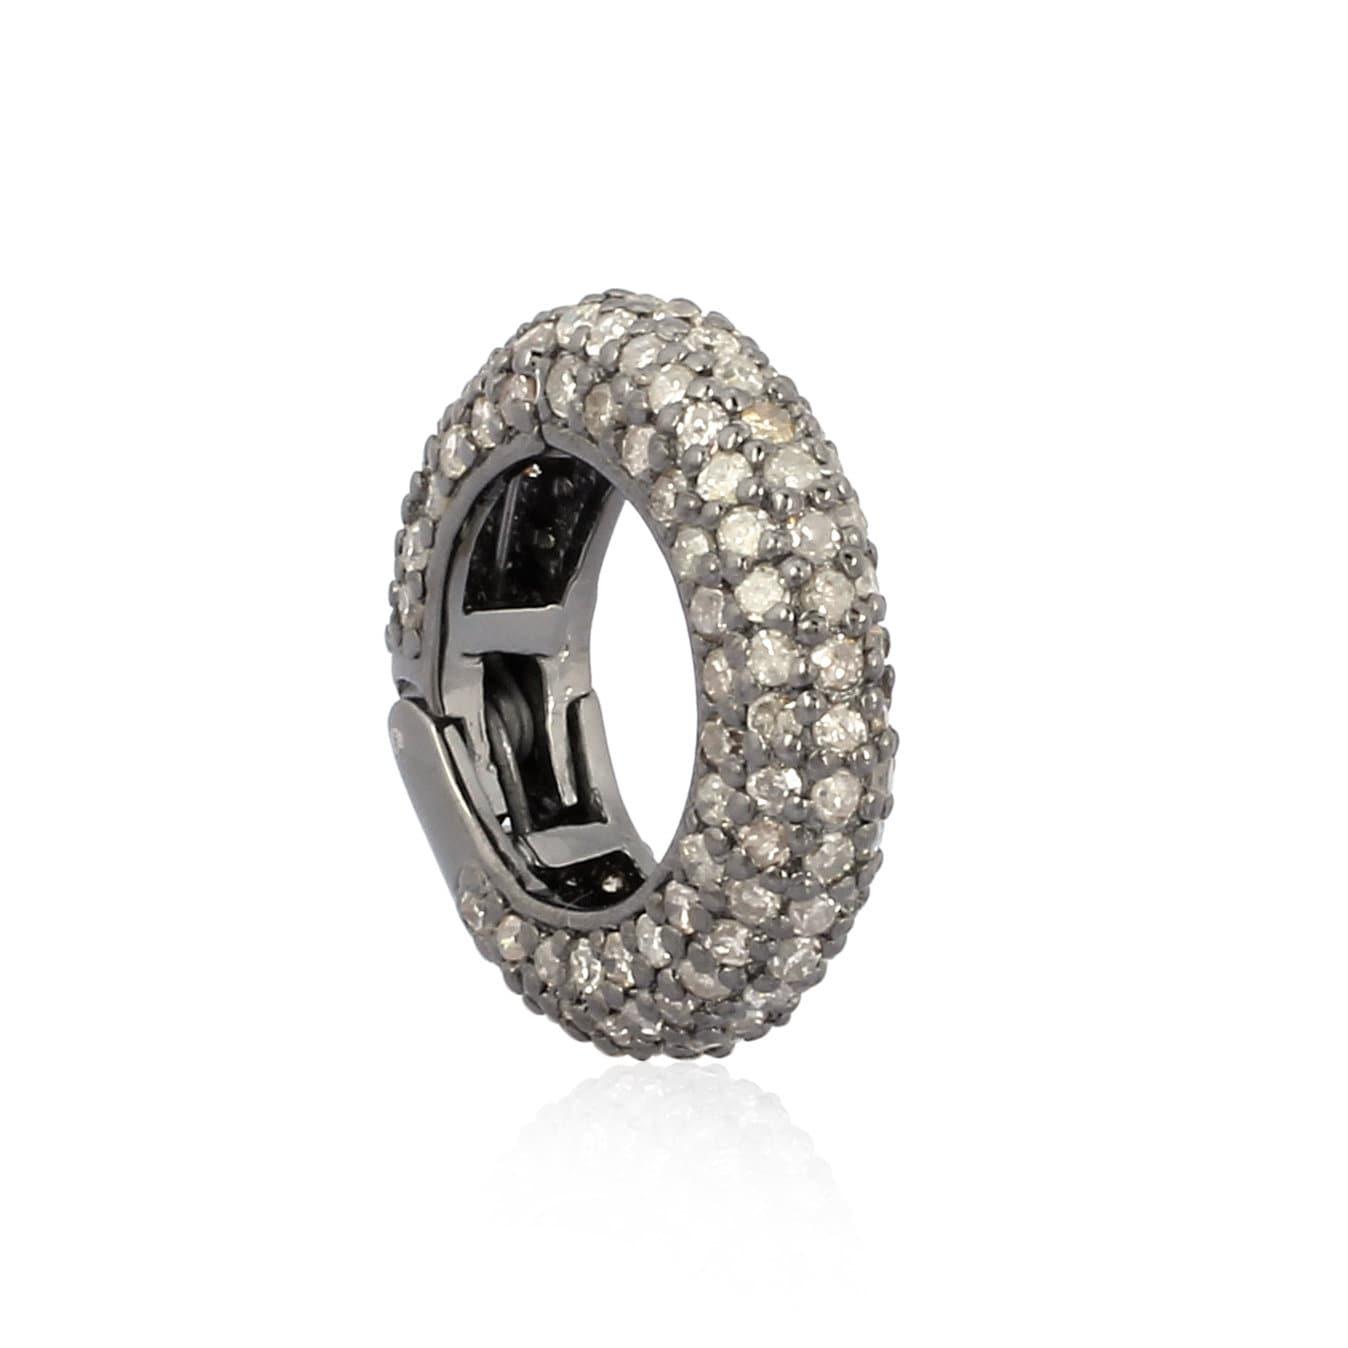 Vente de Noël! Livraison gratuite gratuite gratuite bijoux pavé diamant 925 argent Sterling rond bijoux verrouillage connecteur verrouillage résultats femme 5a8e4c